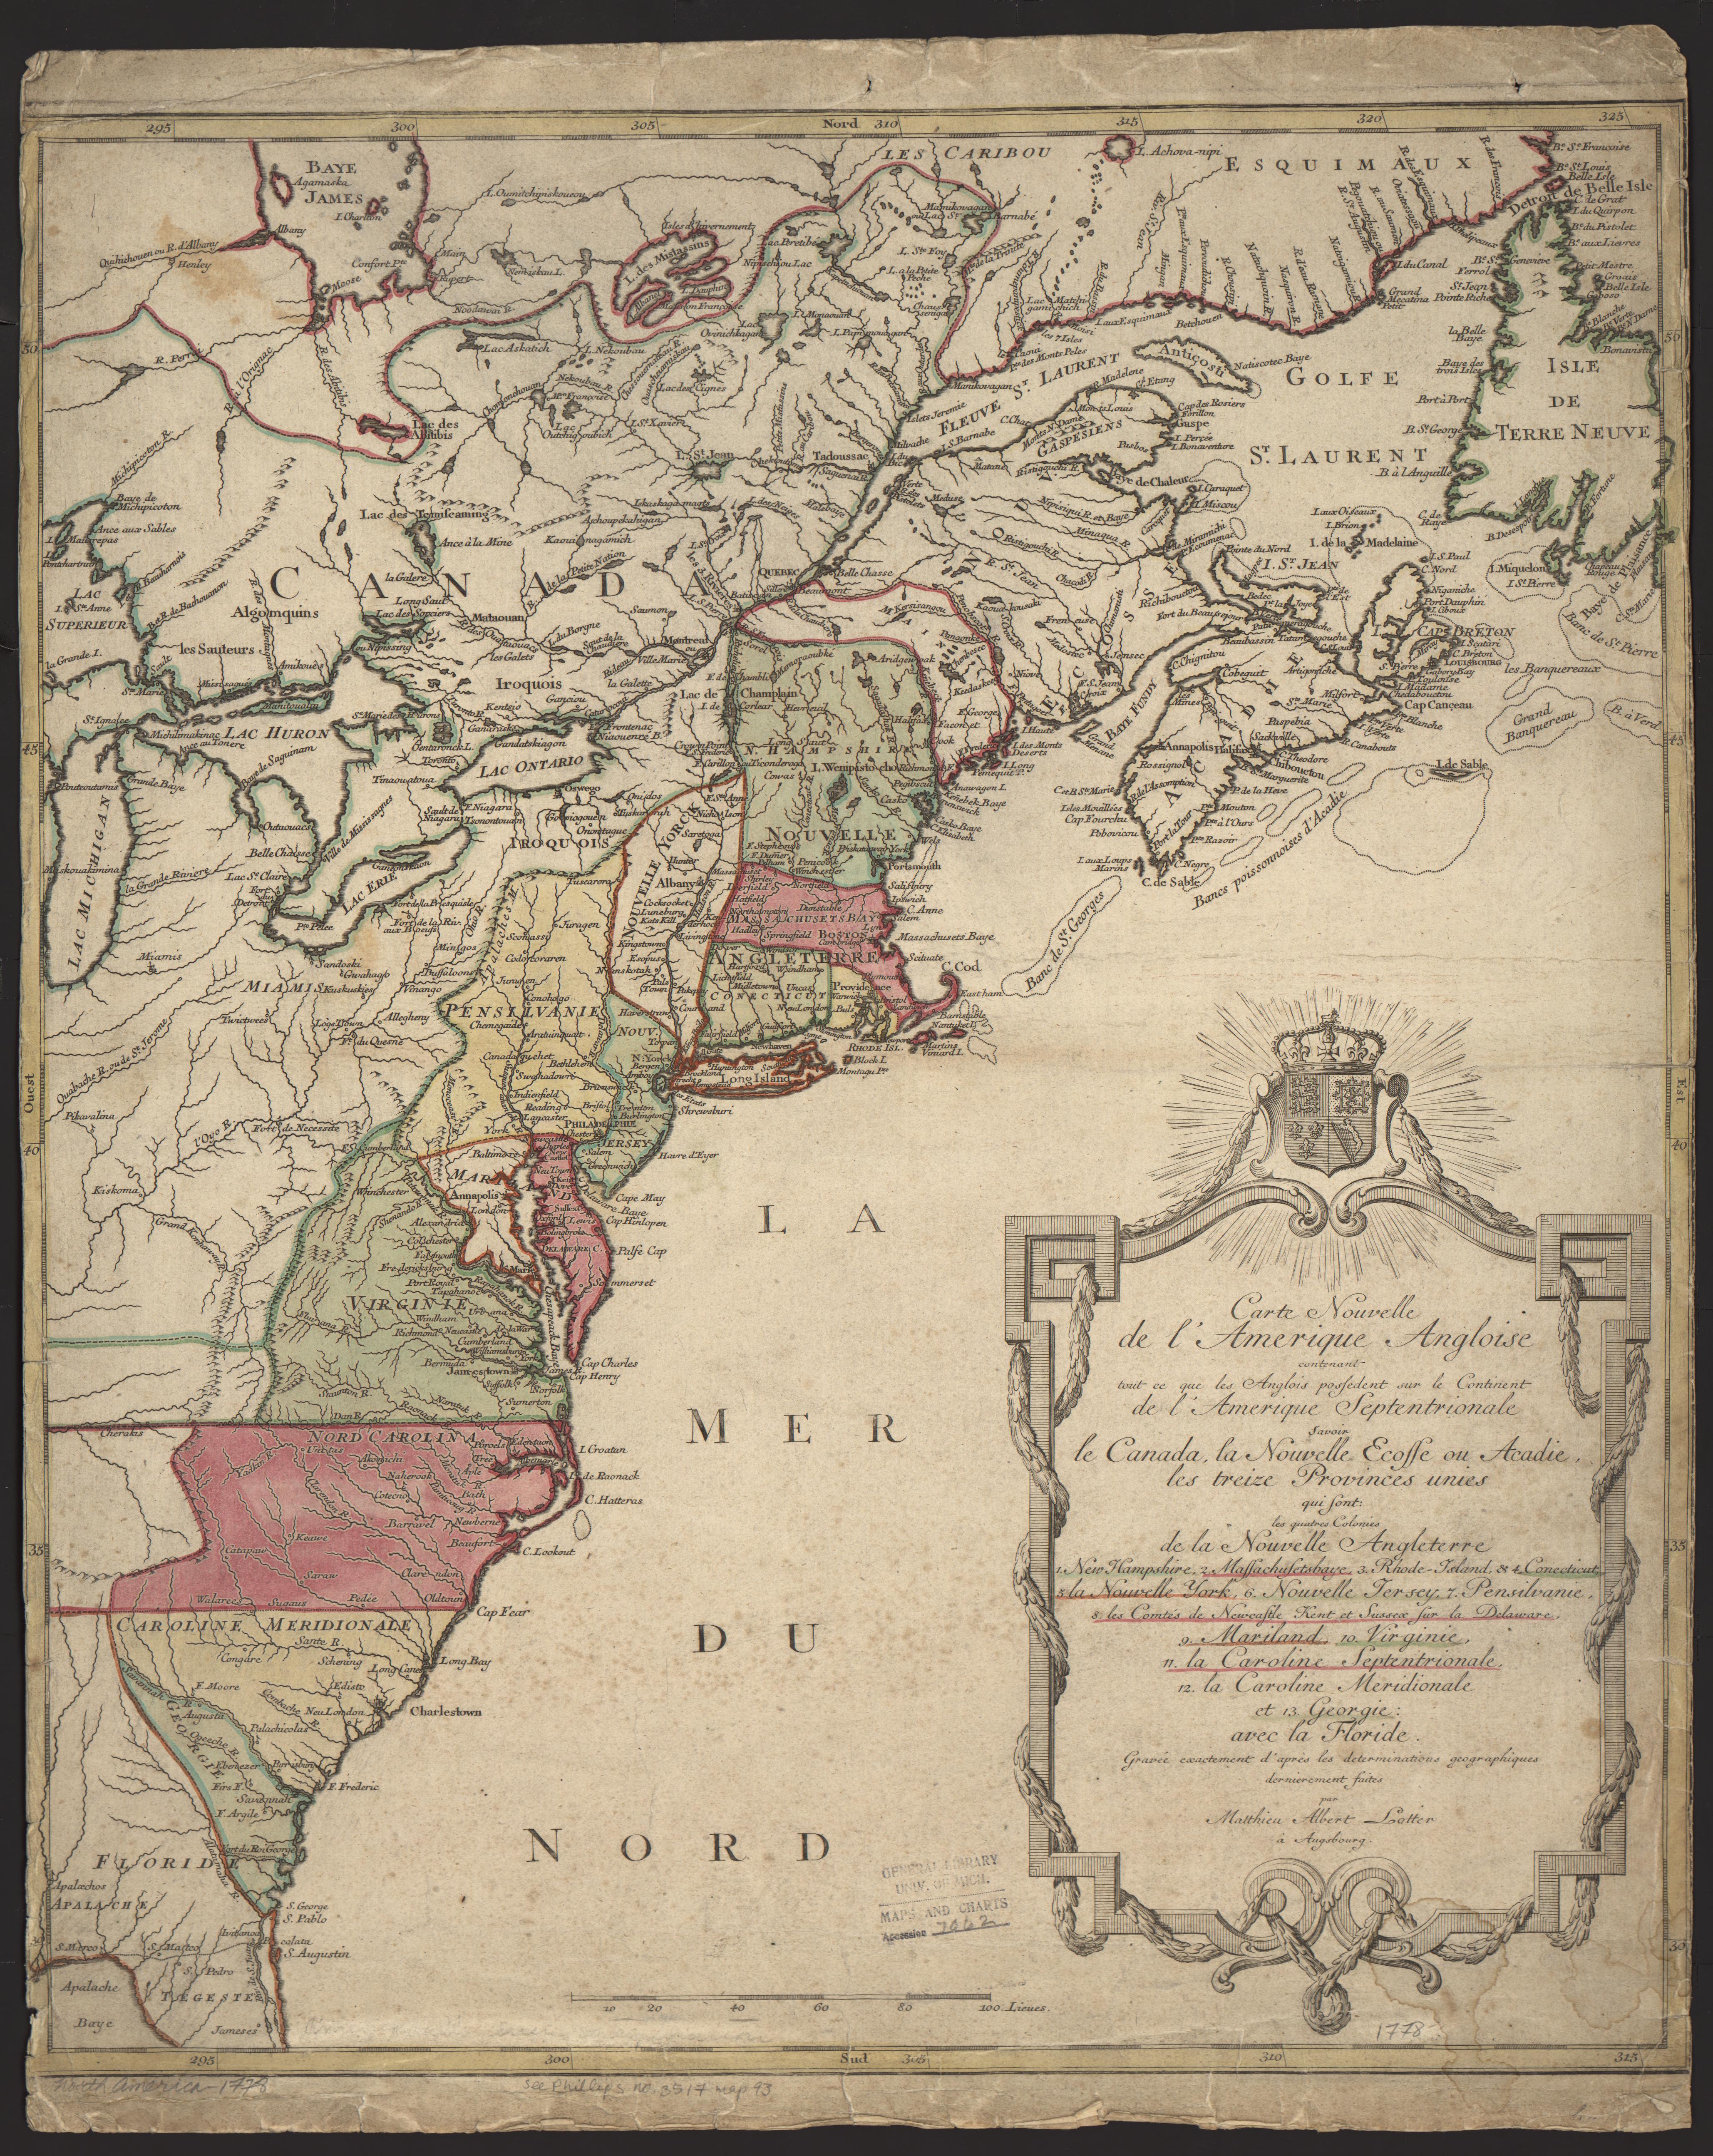 Anglois um clark library maps: carte nouvelle de l'amerique angloise